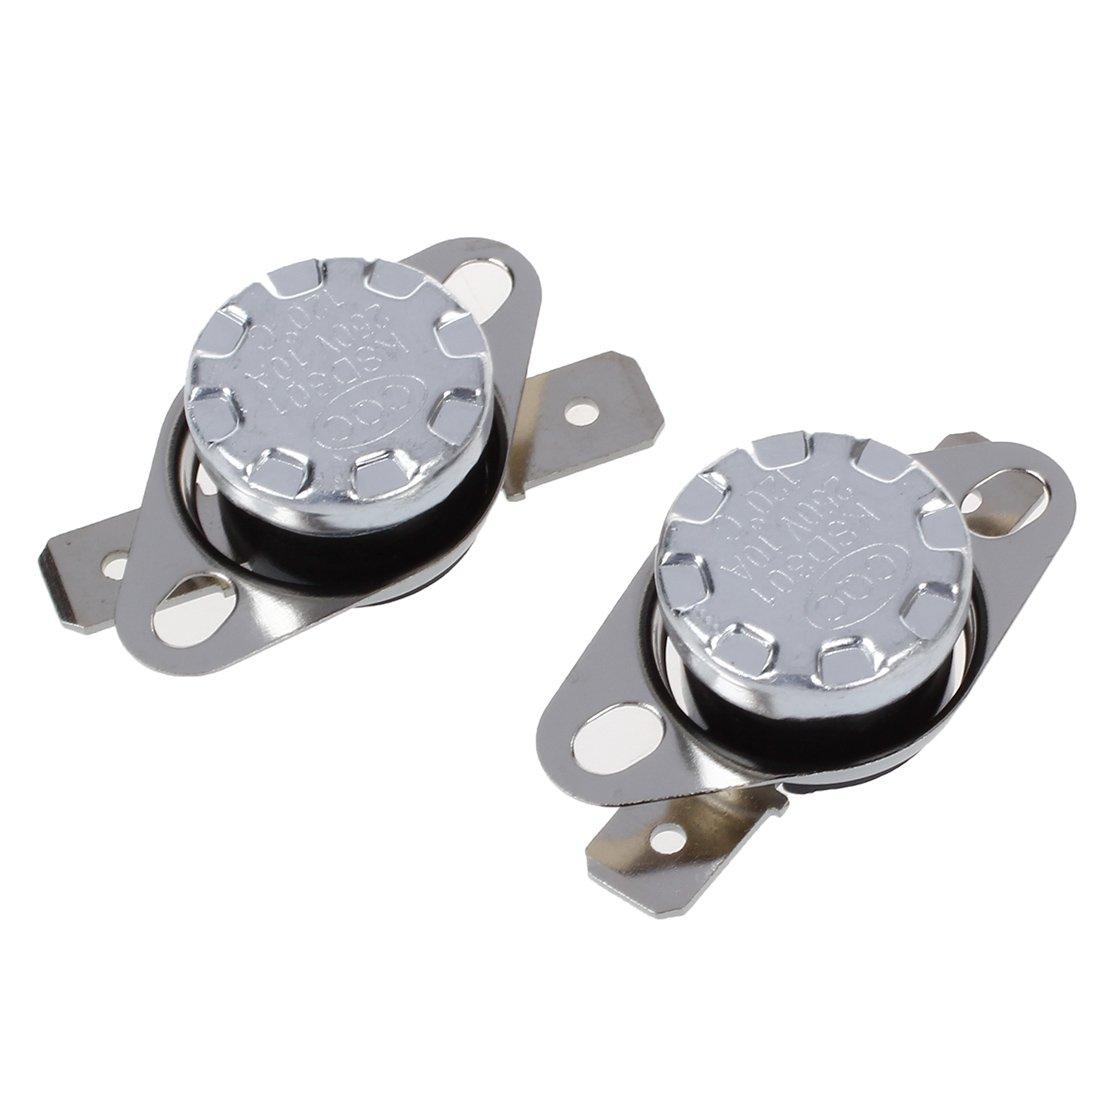 R SODIAL 2 x Termostato Interruptor de Control de Temperatura Celsius KSD301 120C